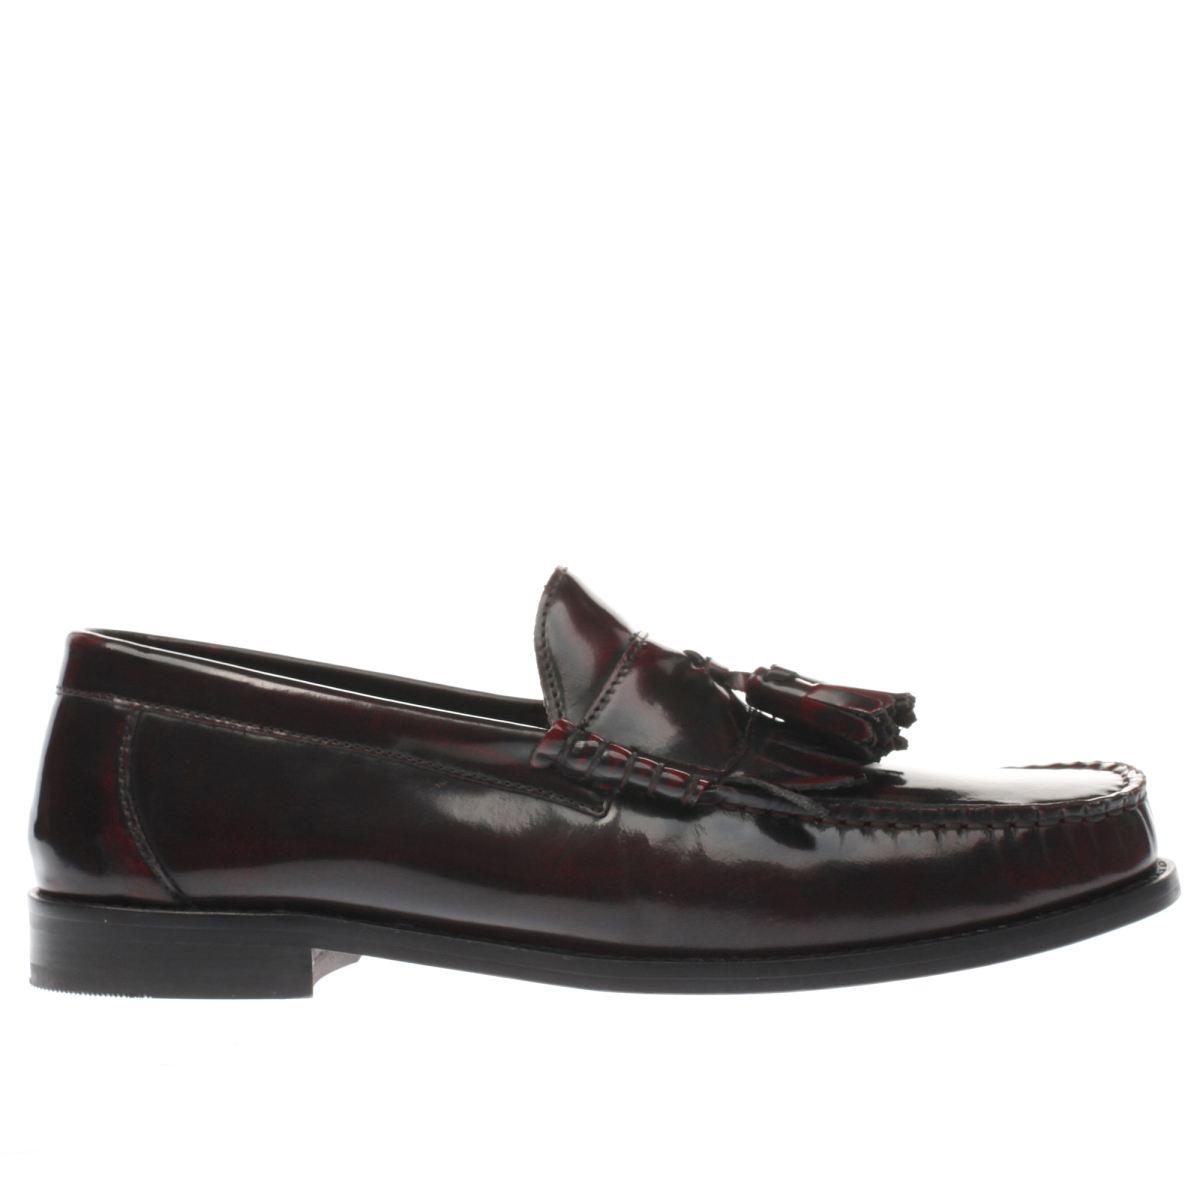 ikon burgundy bel air loafer shoes